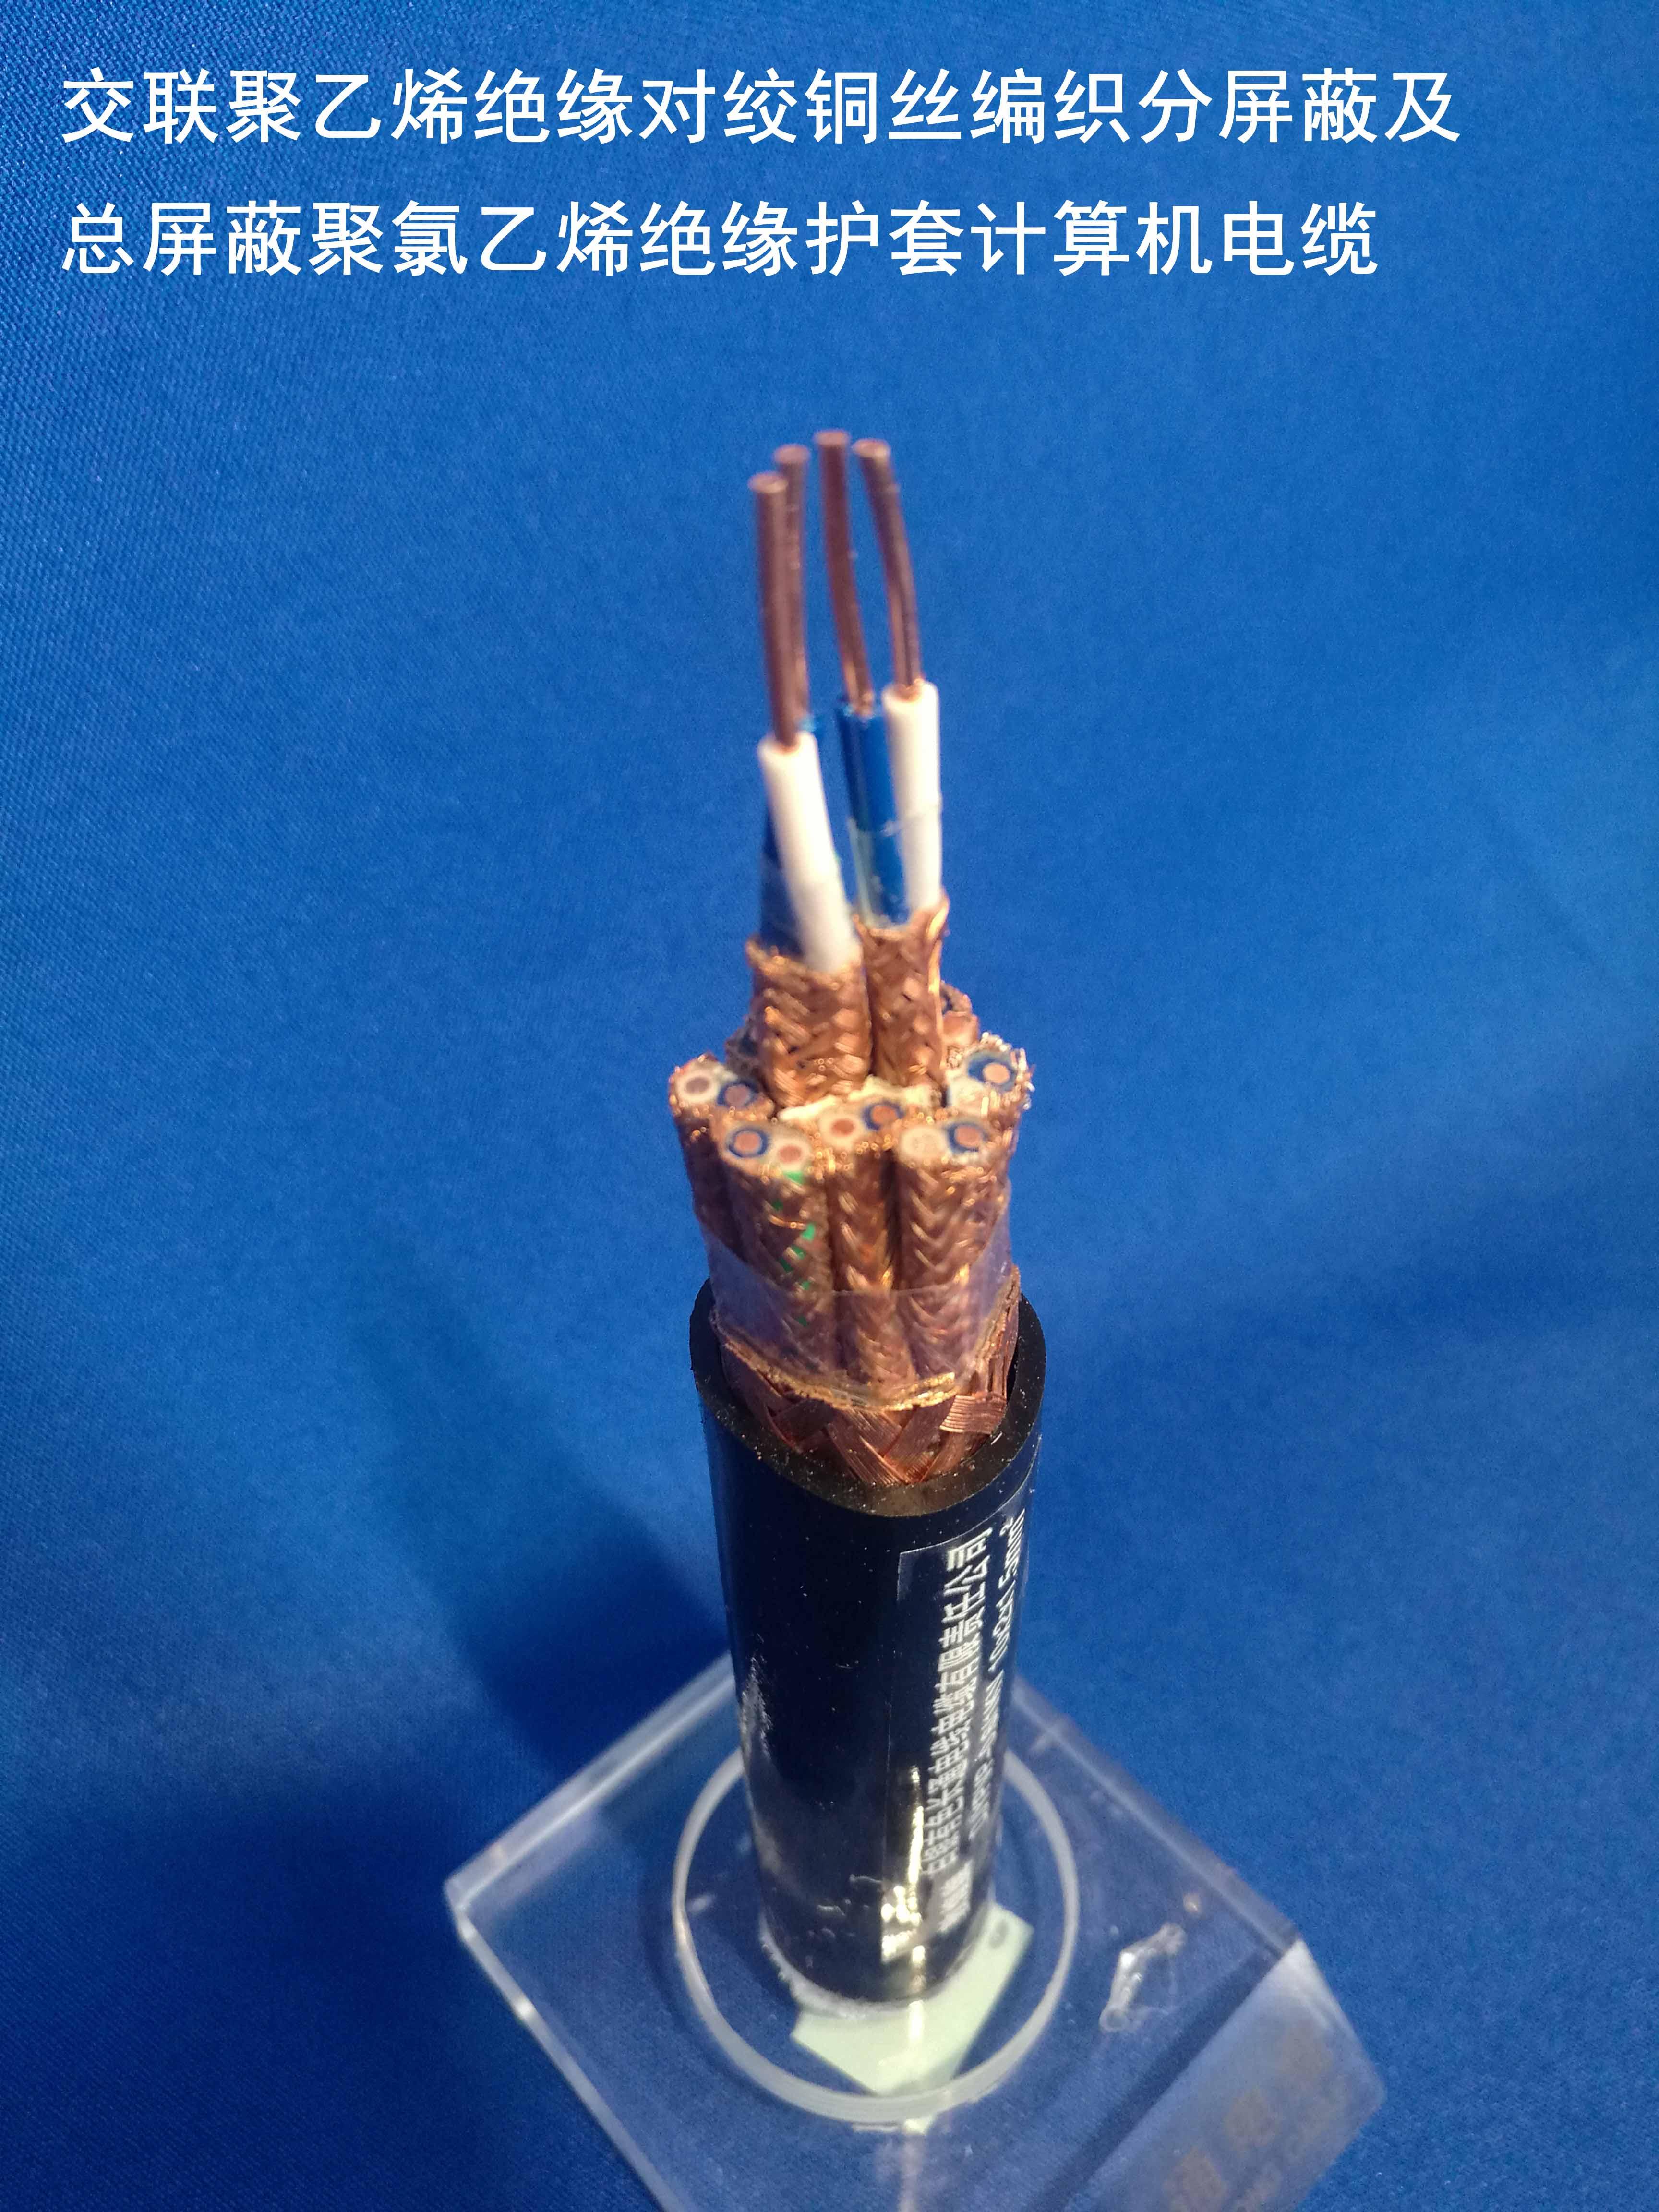 铜芯交联聚乙烯绝缘铜丝分向总向屏蔽聚氯乙烯护套电子计算机电缆12.jpg